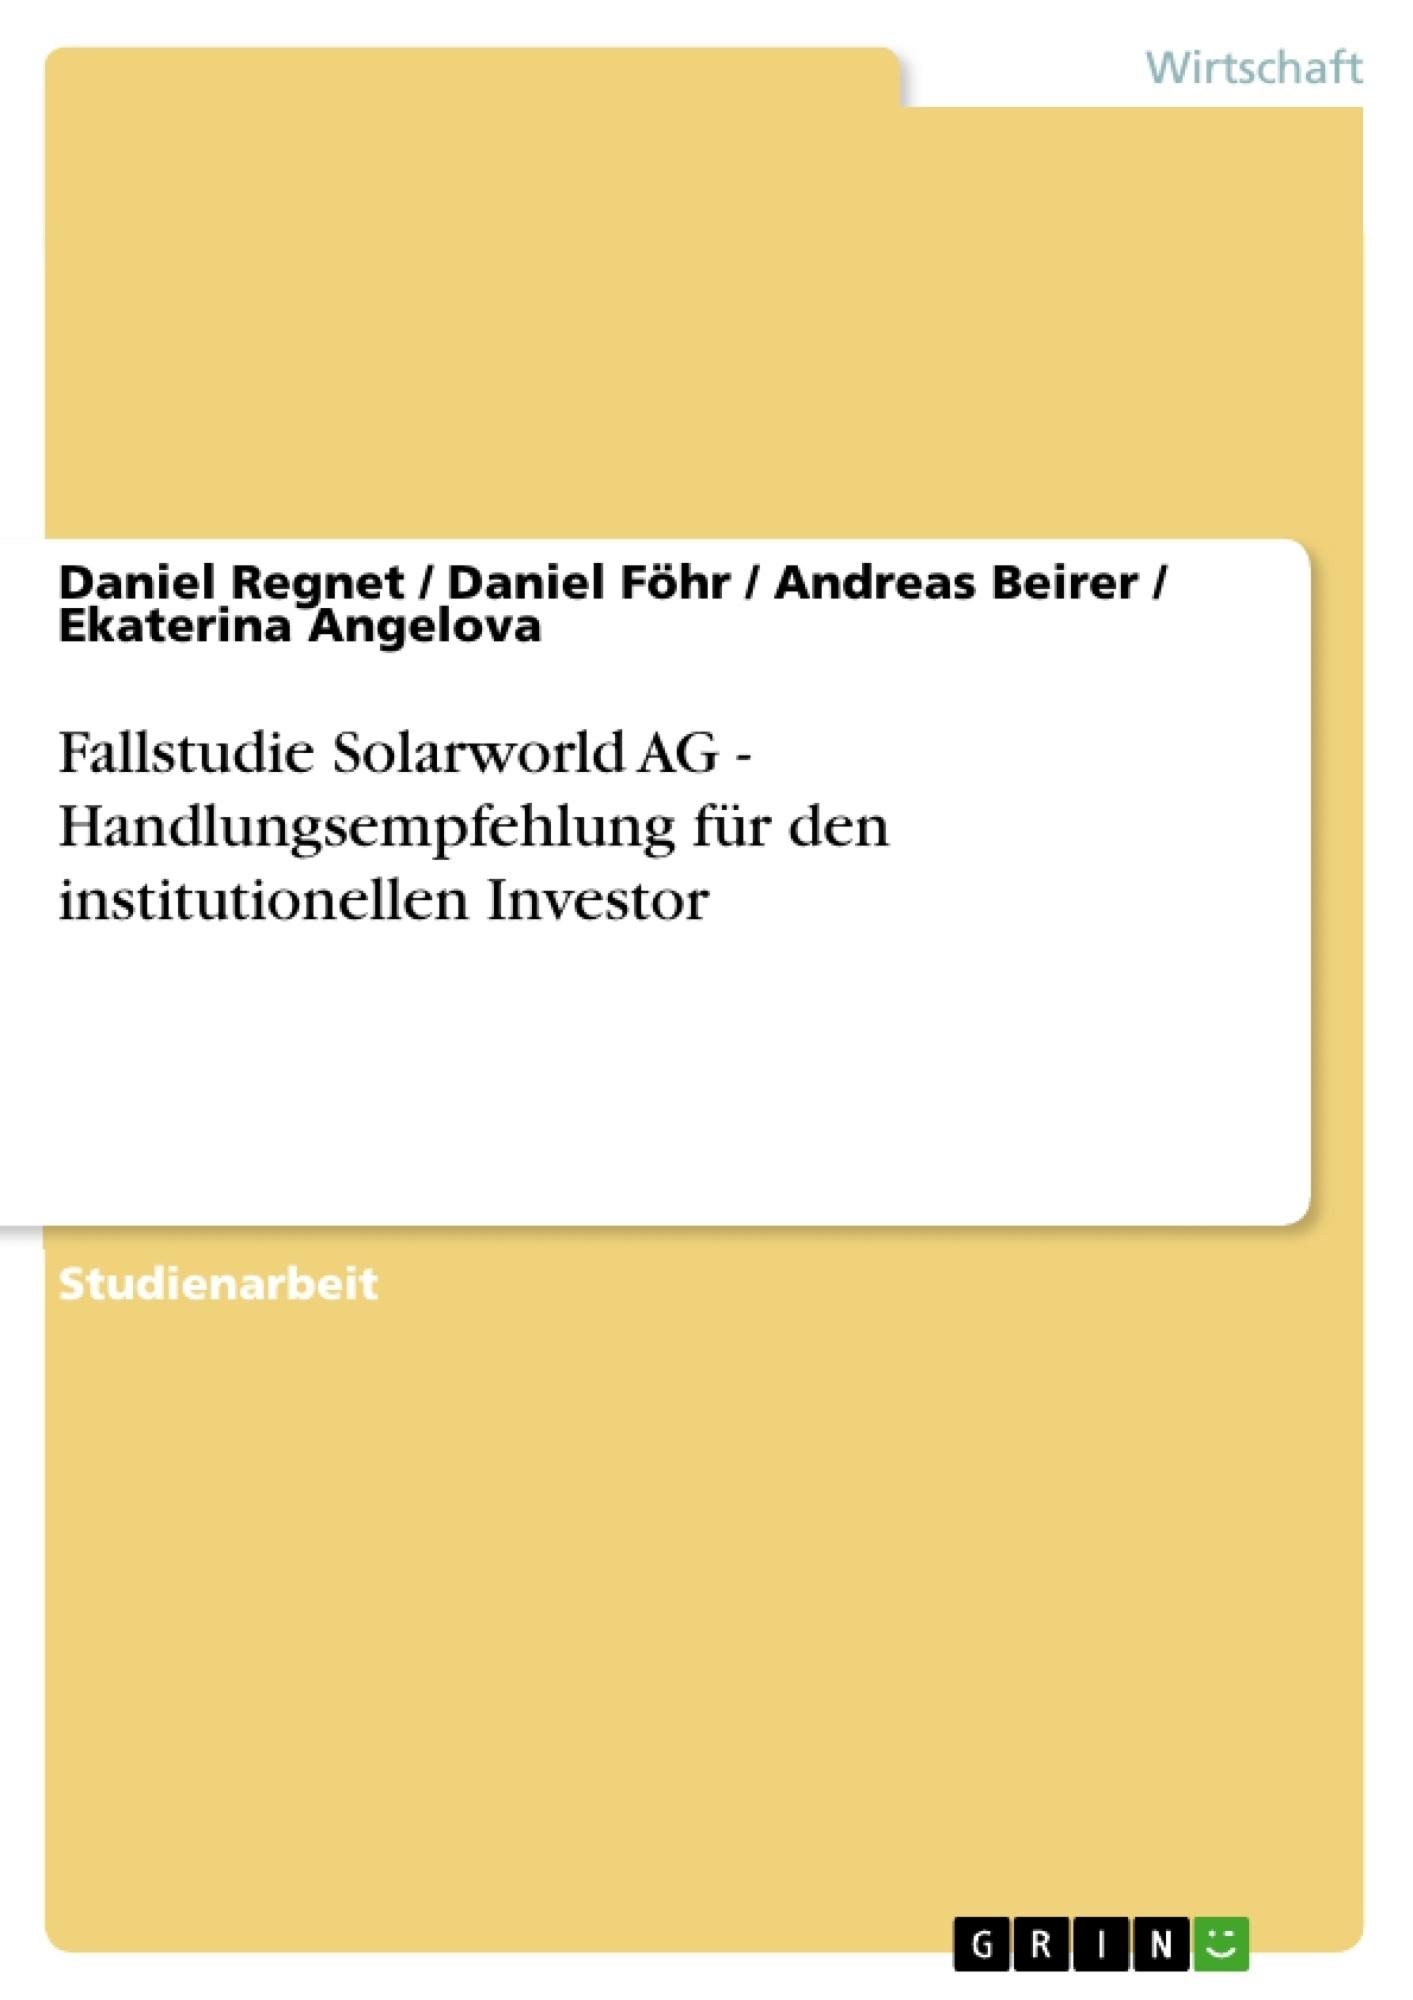 Titel: Fallstudie Solarworld AG - Handlungsempfehlung für den institutionellen Investor